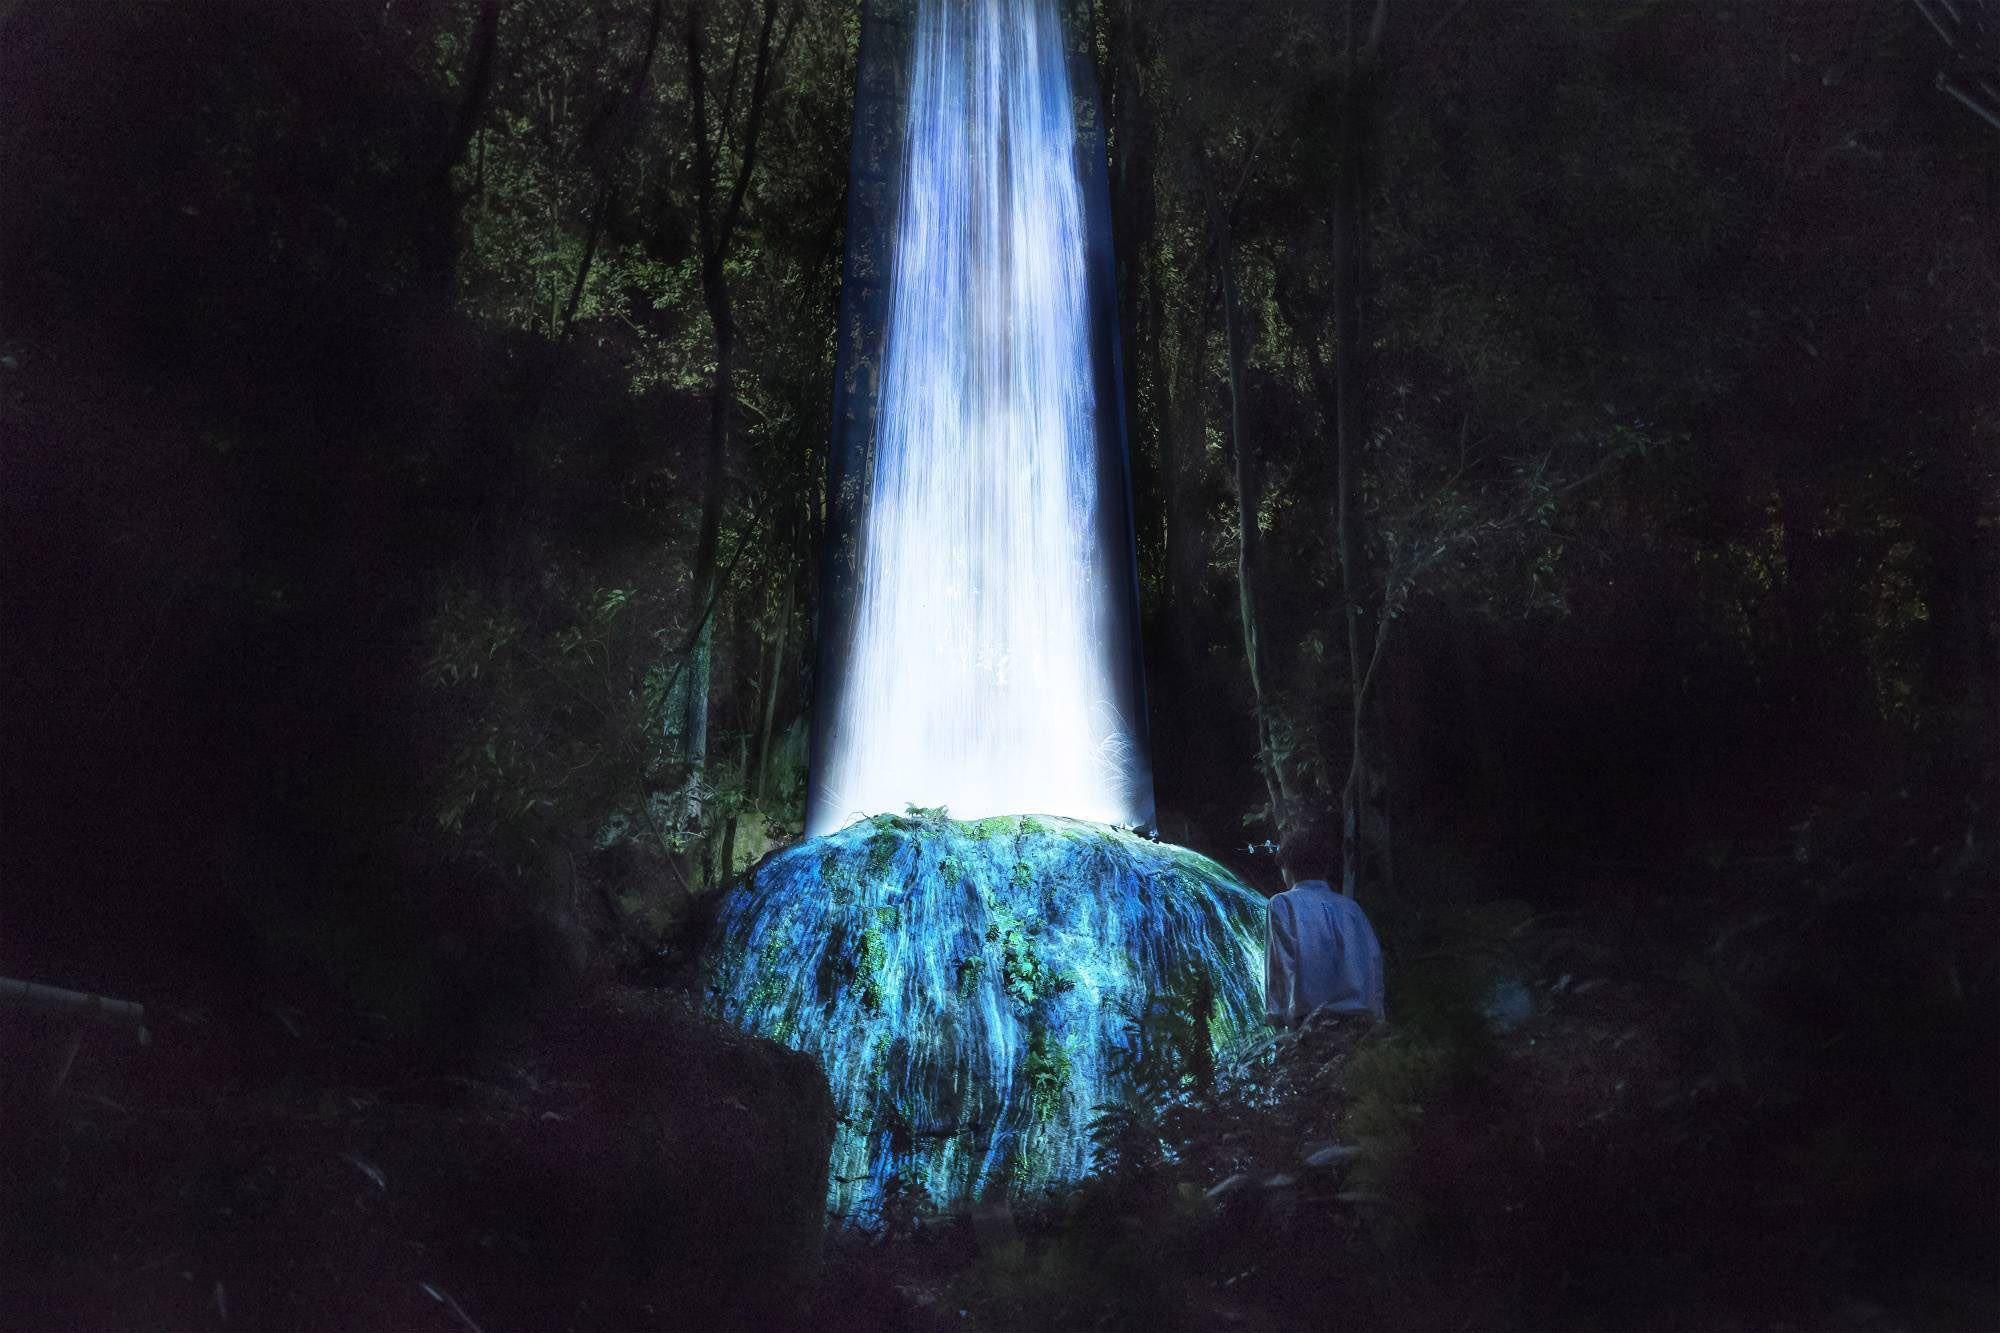 かみさまの御前なる岩に憑依する滝/ Universe of Water Particles on a Sacred Rock